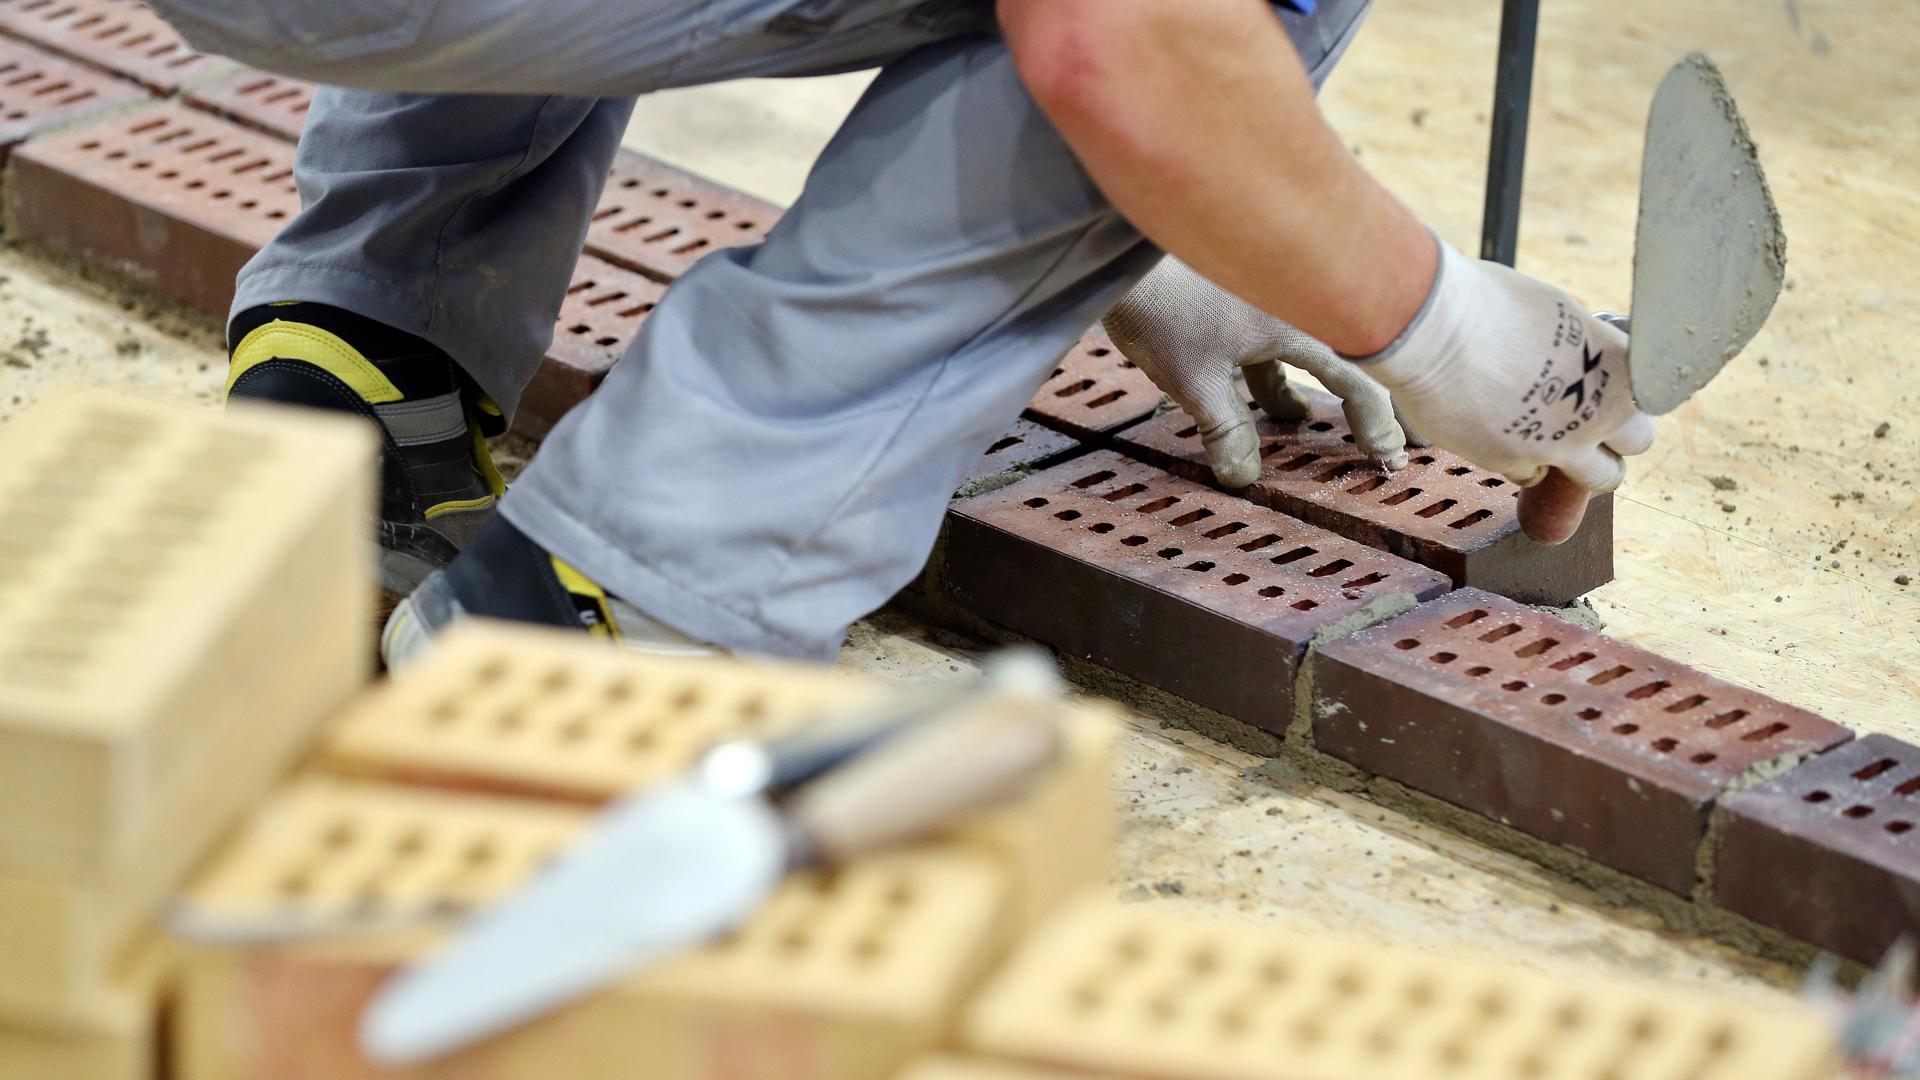 Ein an den «WorldSkills Leipzig 2013» teilnehmender Maurer arbeitet auf dem Messegelände. Die Handwerksbetriebe ächzen unter immer mehr bürokratischen Vorschriften. Das gefährde auf Dauer sogar Betriebe - so stellt es der Zentralverband dar. +++ dpa-Bildfunk +++